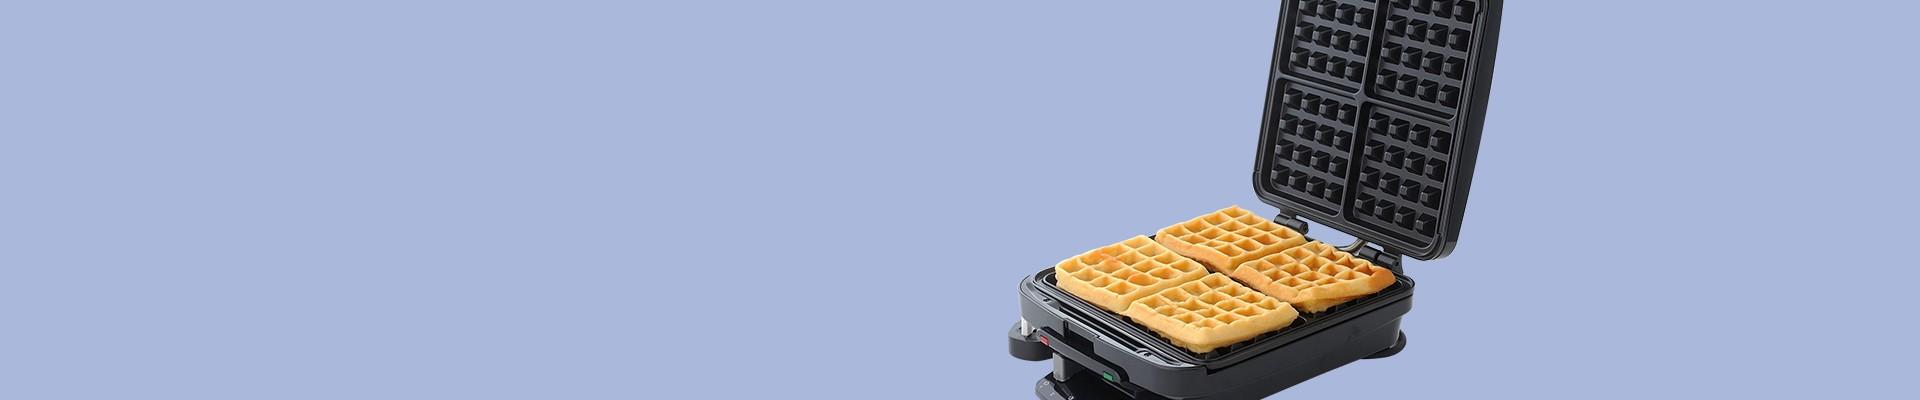 Jual Waffle & Pancake Maker